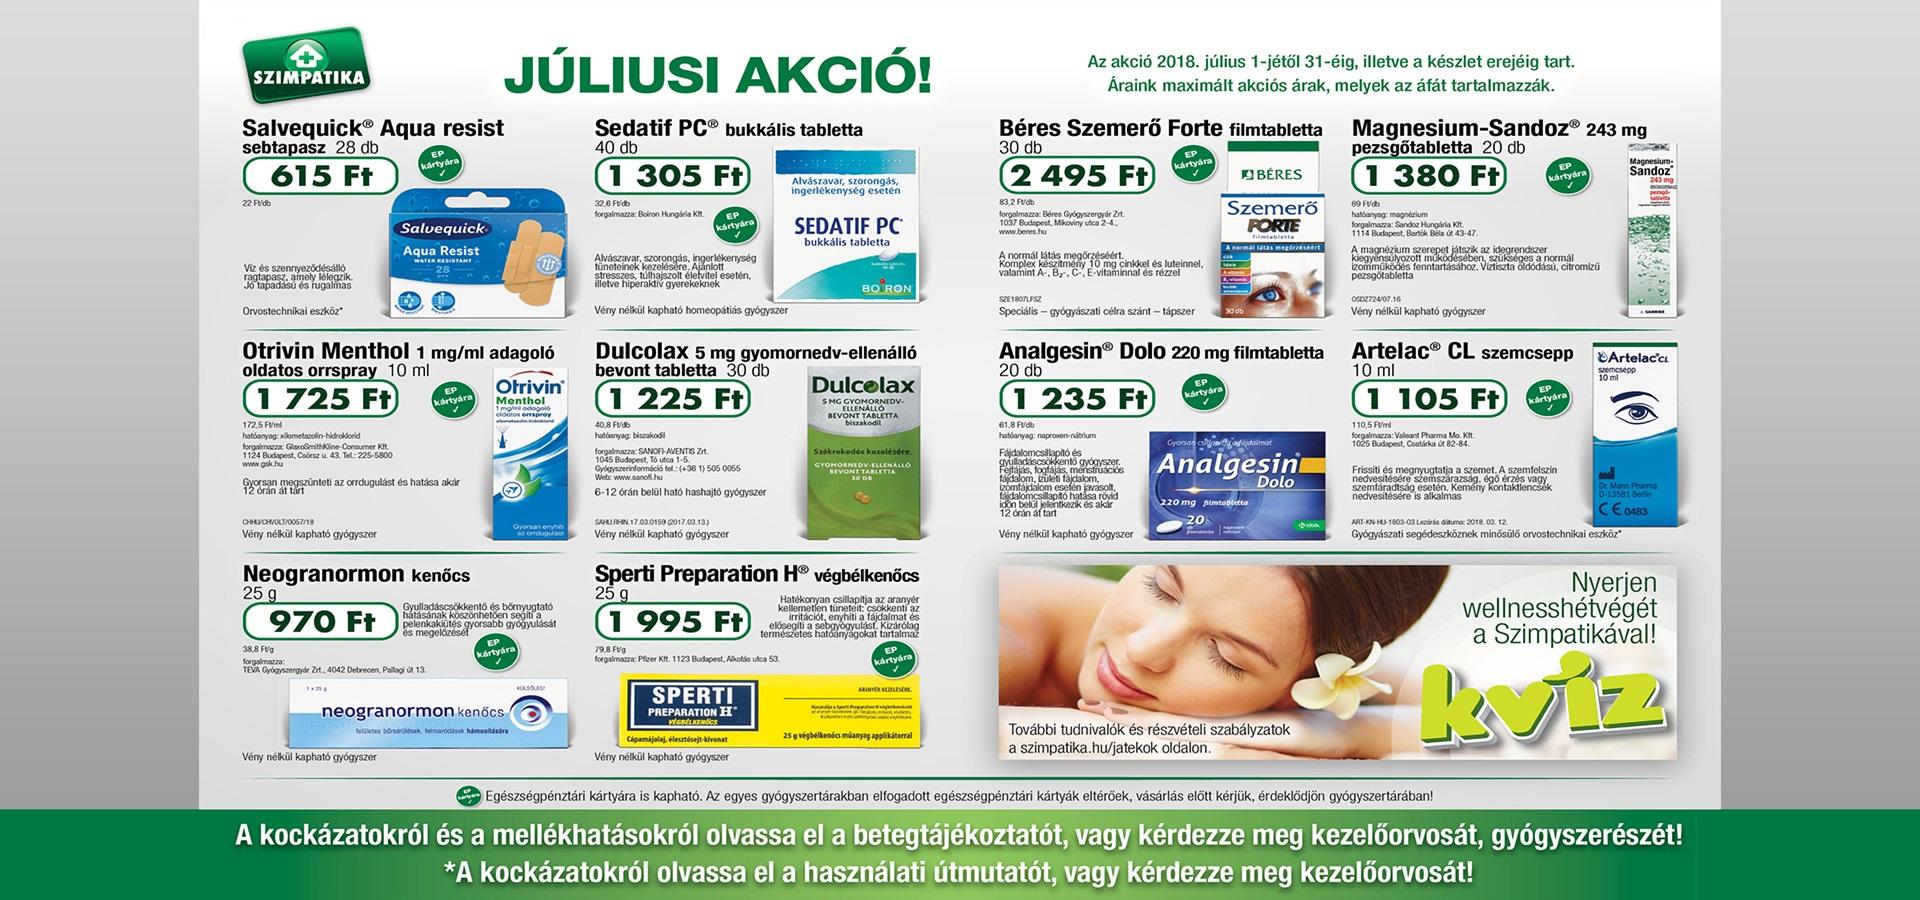 Indóház gyógyszertár - Szimpatika akció - július